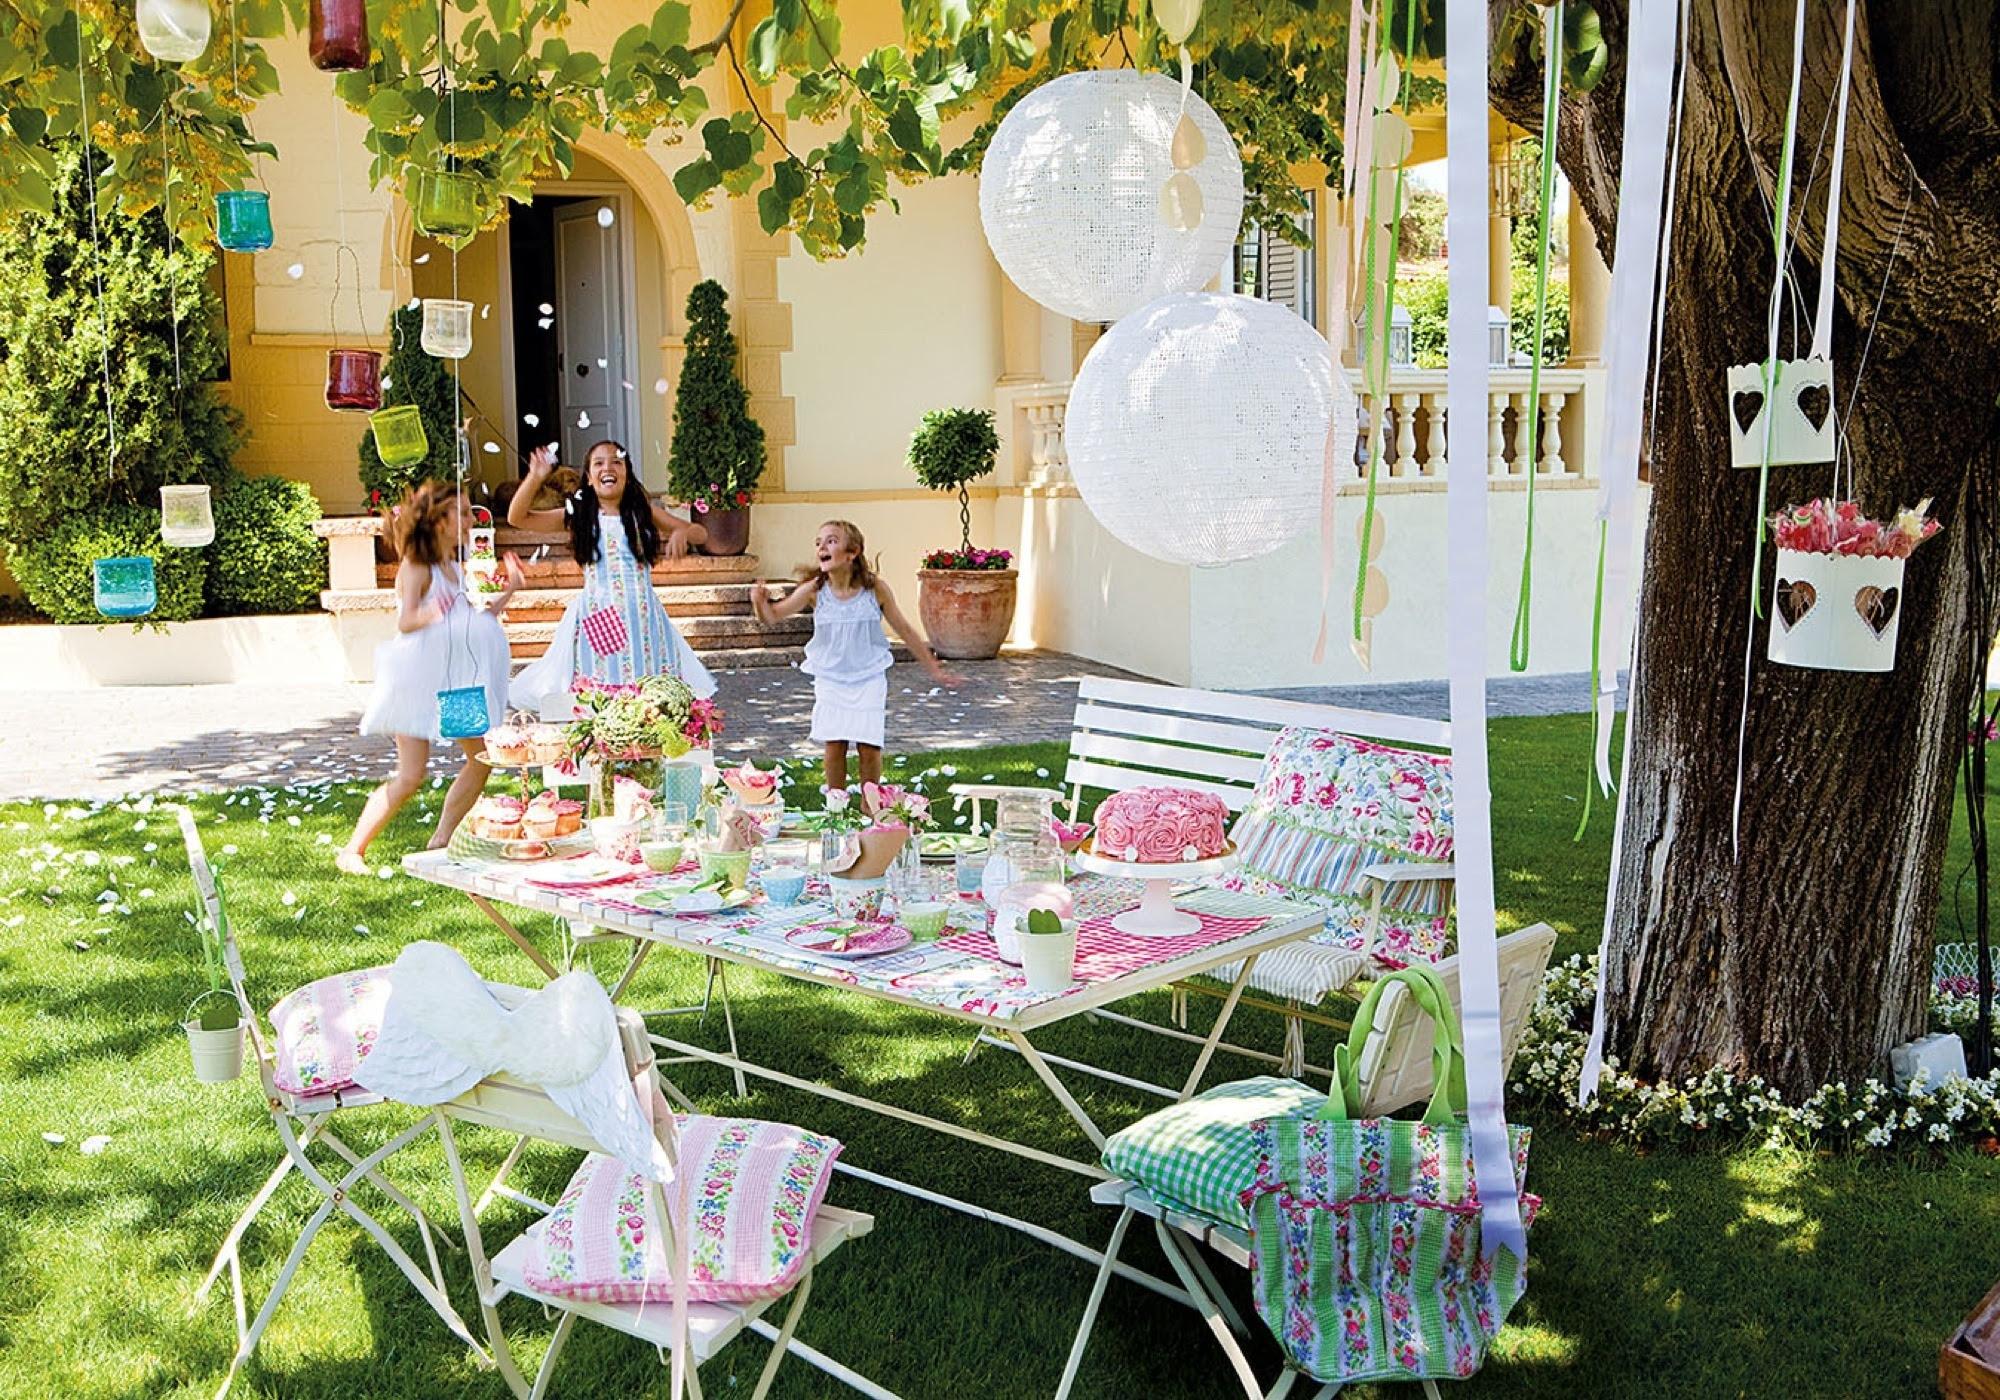 Jardín con mesa preparada para fiesta infantil con globos, manteles estampados verano, cojines 349250